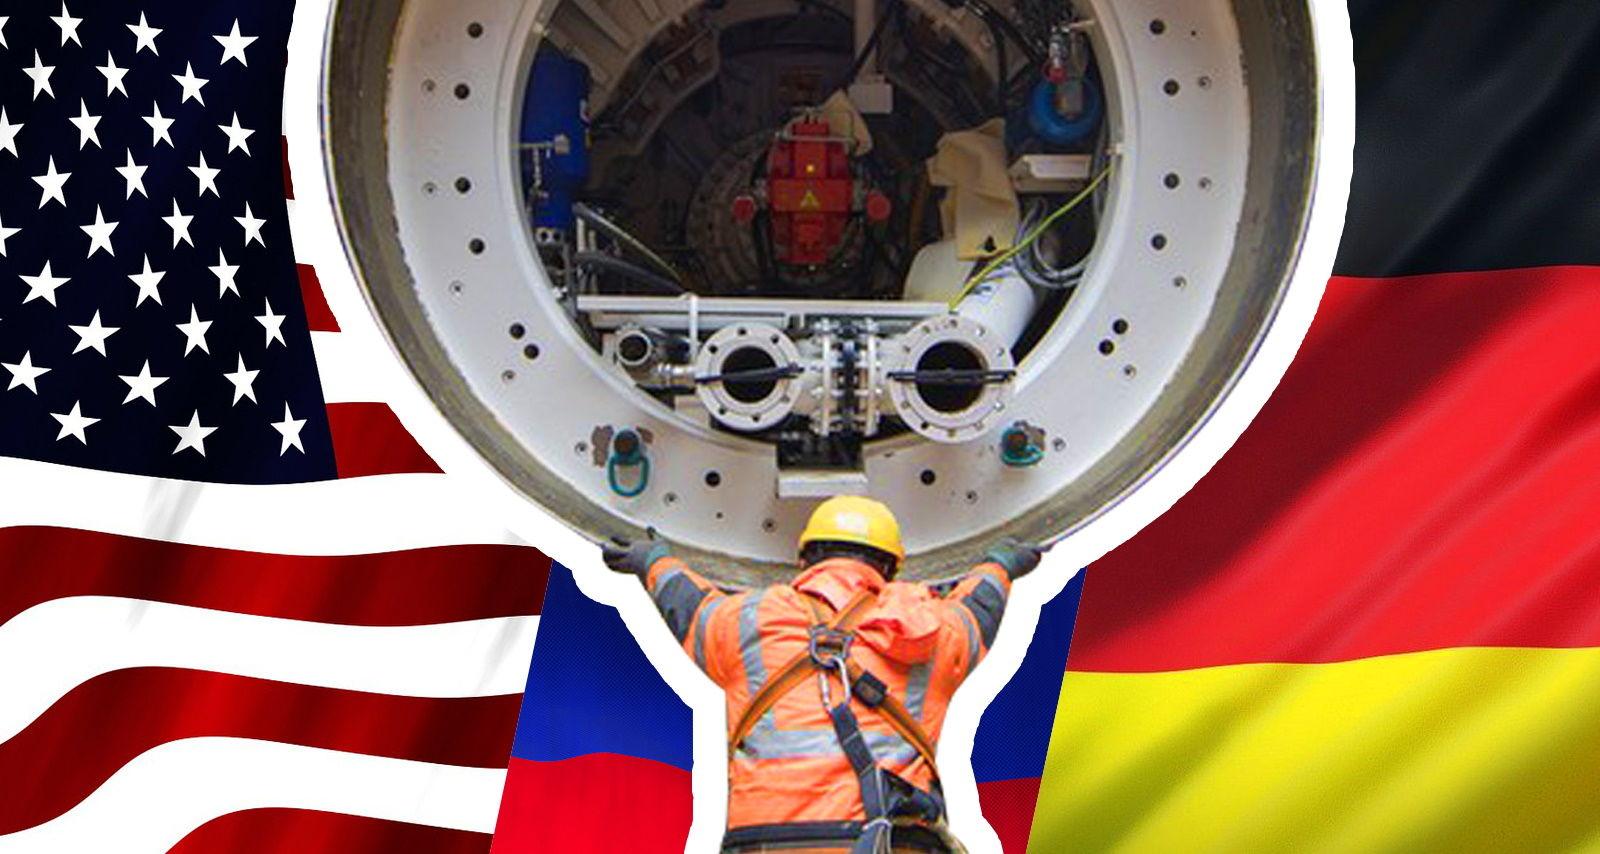 """Bloomberg: """"Вашингтон и Берлин готовят сделку по """"Северному потоку - 2"""", а Киеву будет предложена компенсация"""""""